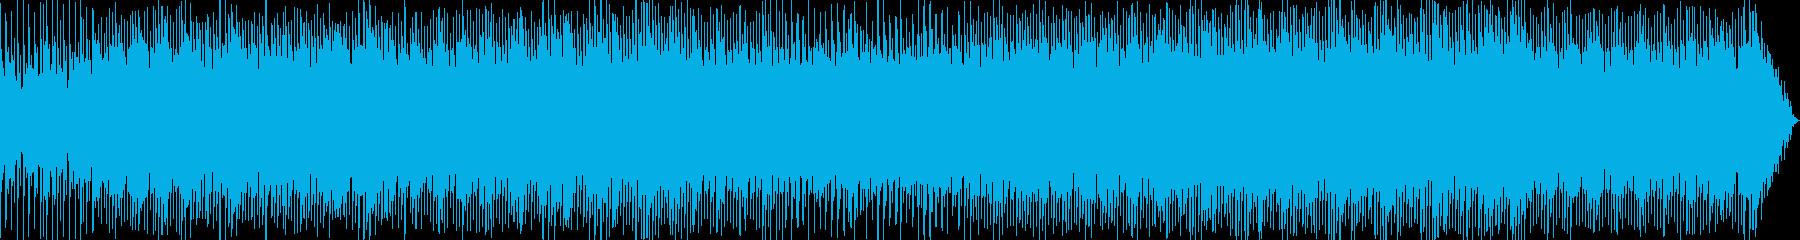 RPG/マップ曲/荒野/ループ可の再生済みの波形